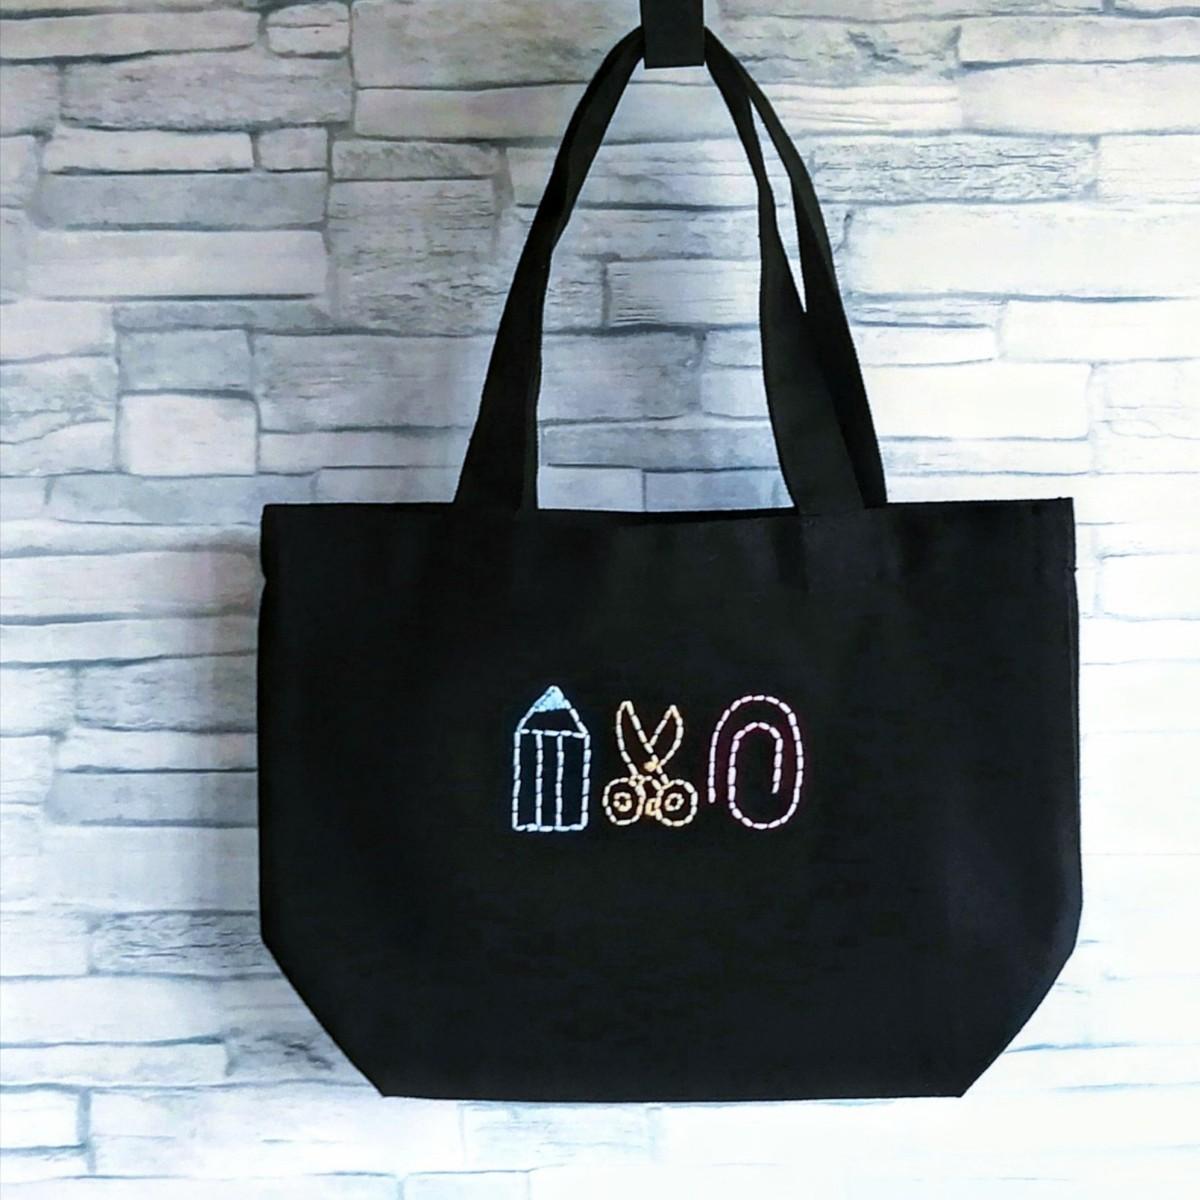 手刺繍のカラフルな文房具 ミニトートバッグ ランチバッグ エコバッグ柔らかい帆布 黒 ハンドメイド 刺繍の色変更可